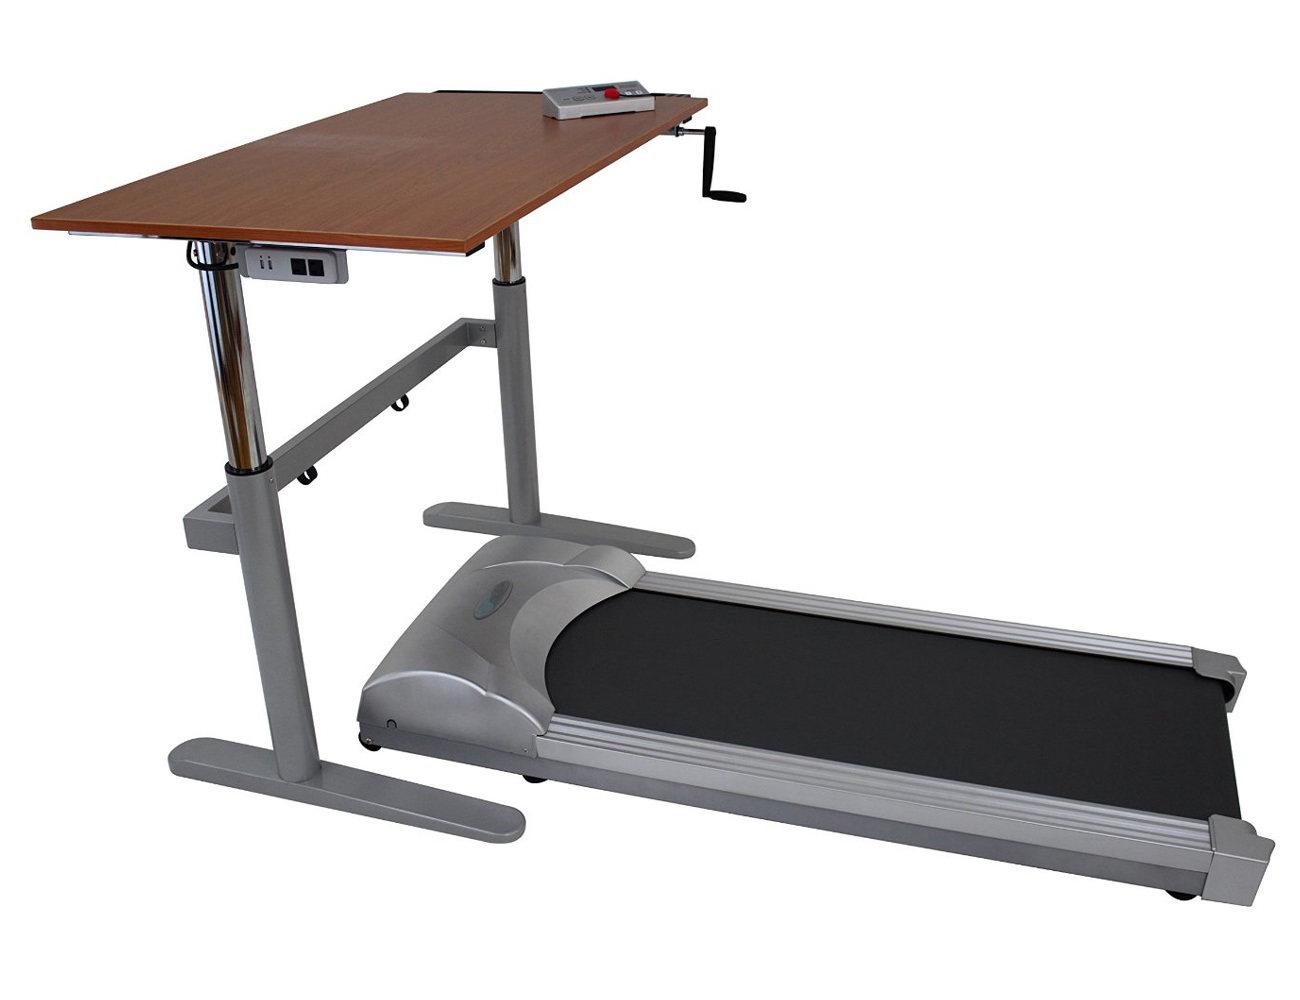 rebel_treadmill_and_desk_combination_05